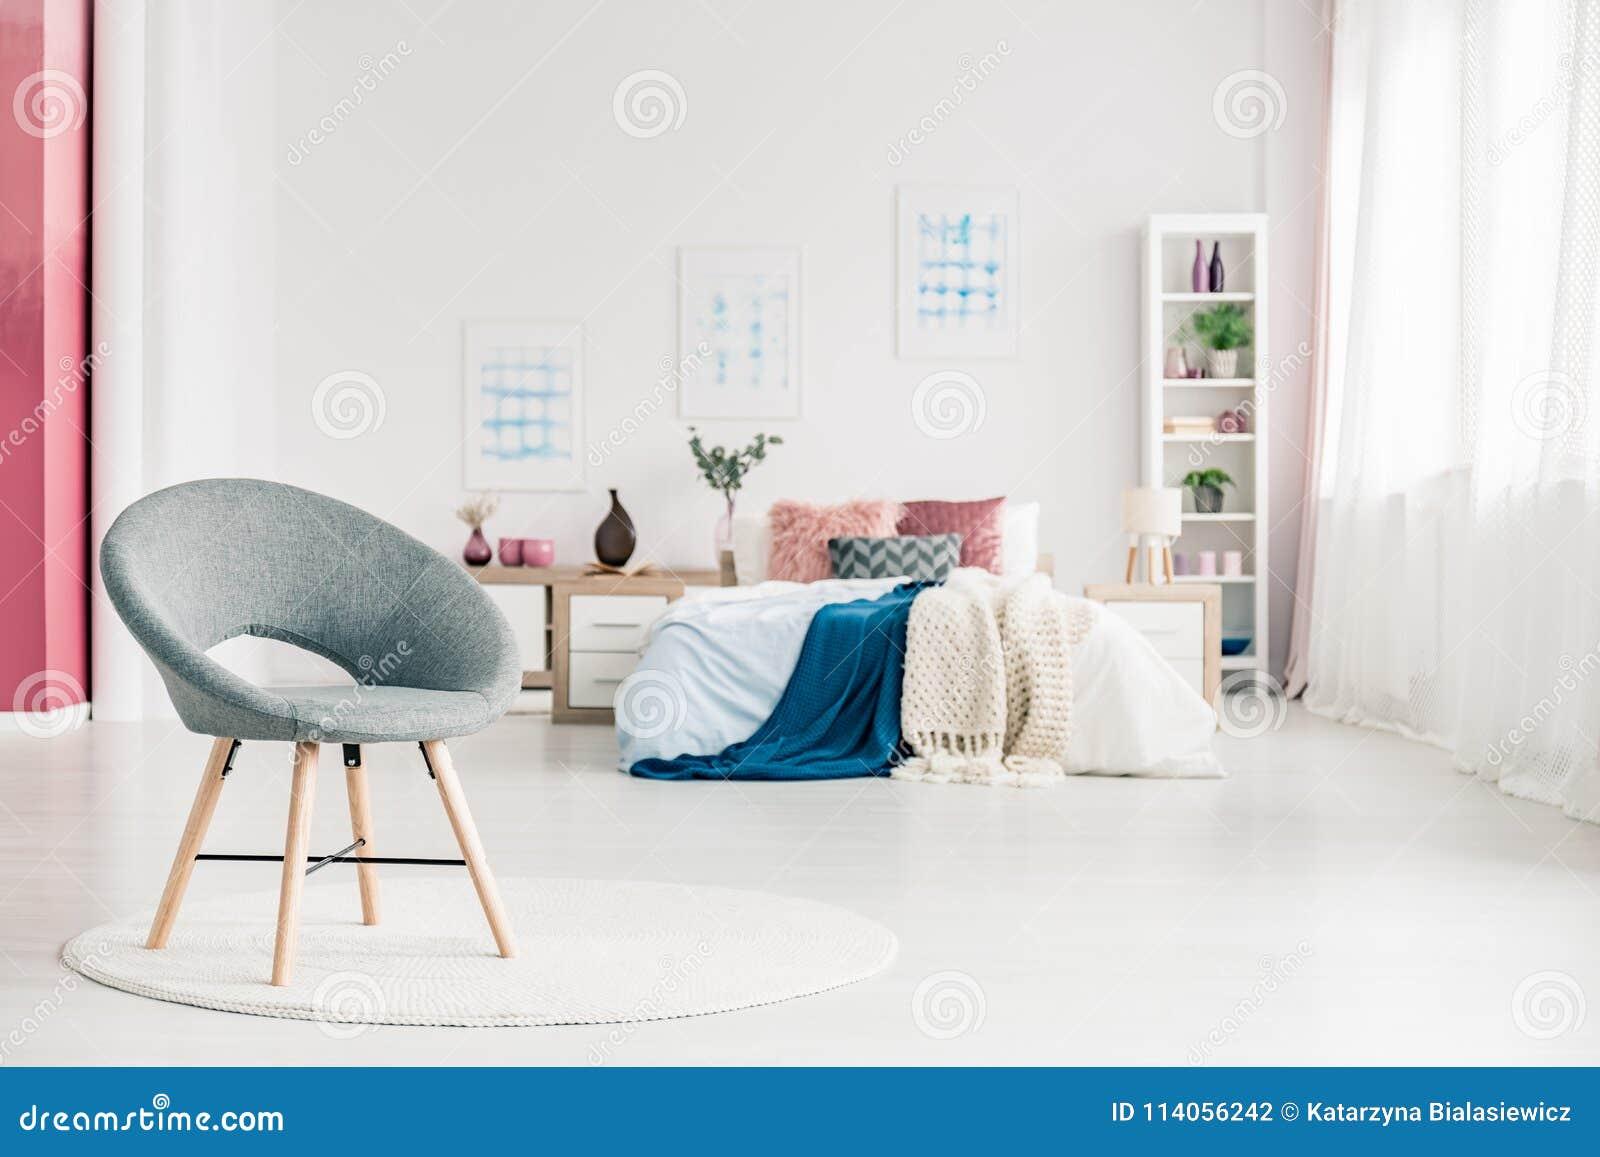 Stoel Voor Op Slaapkamer.Comfortabele Slaapkamer Met Grijze Stoel Stock Foto Afbeelding